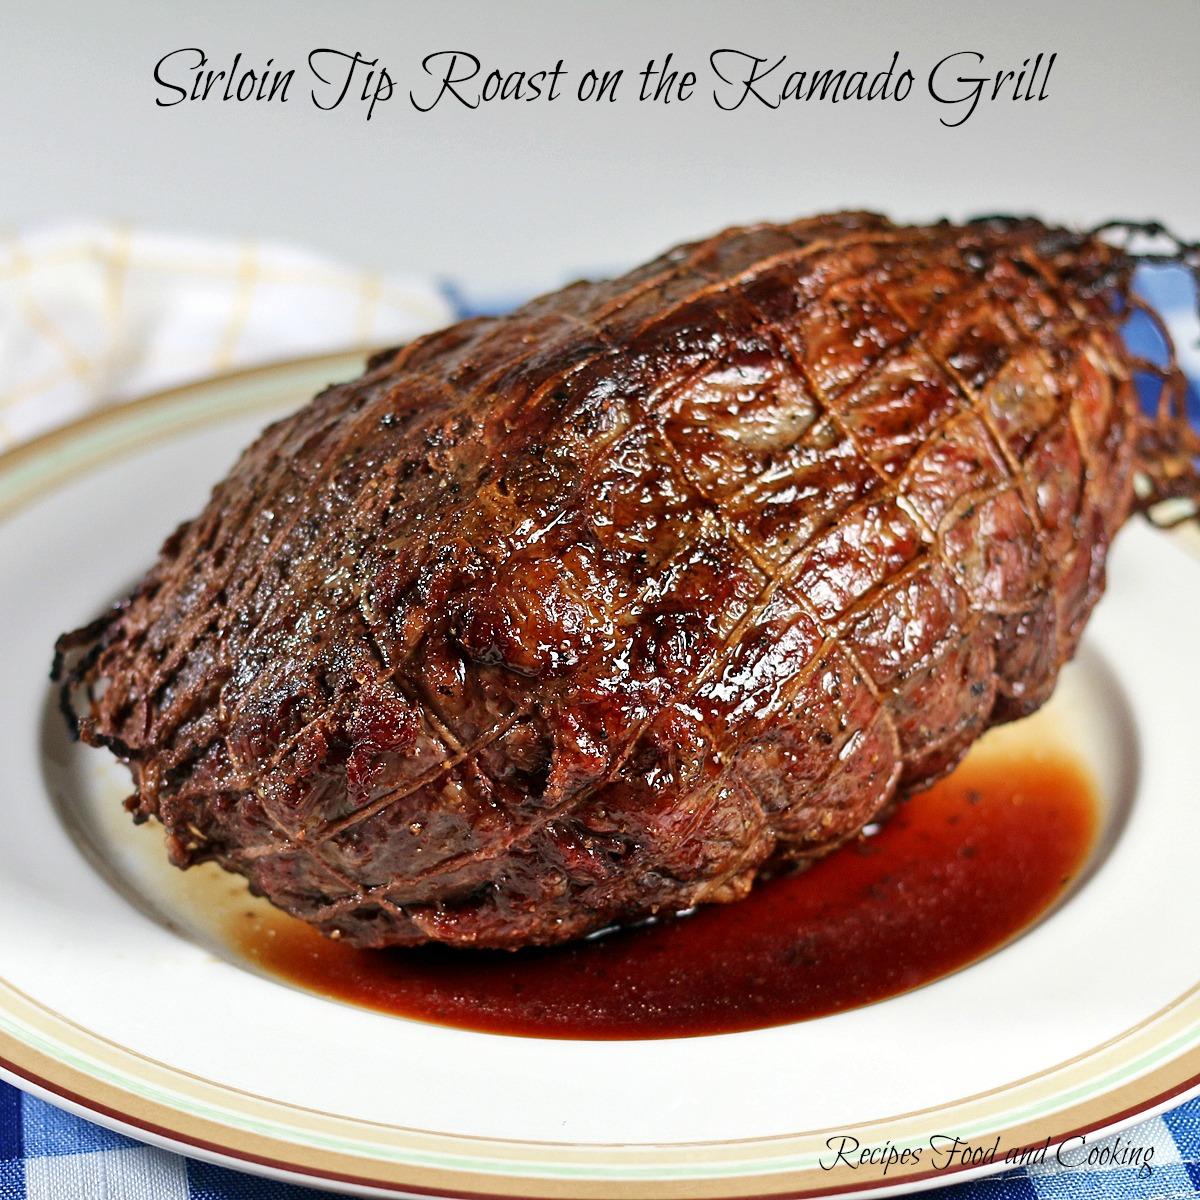 Sirloin Tip Roast on the Kamado Grill